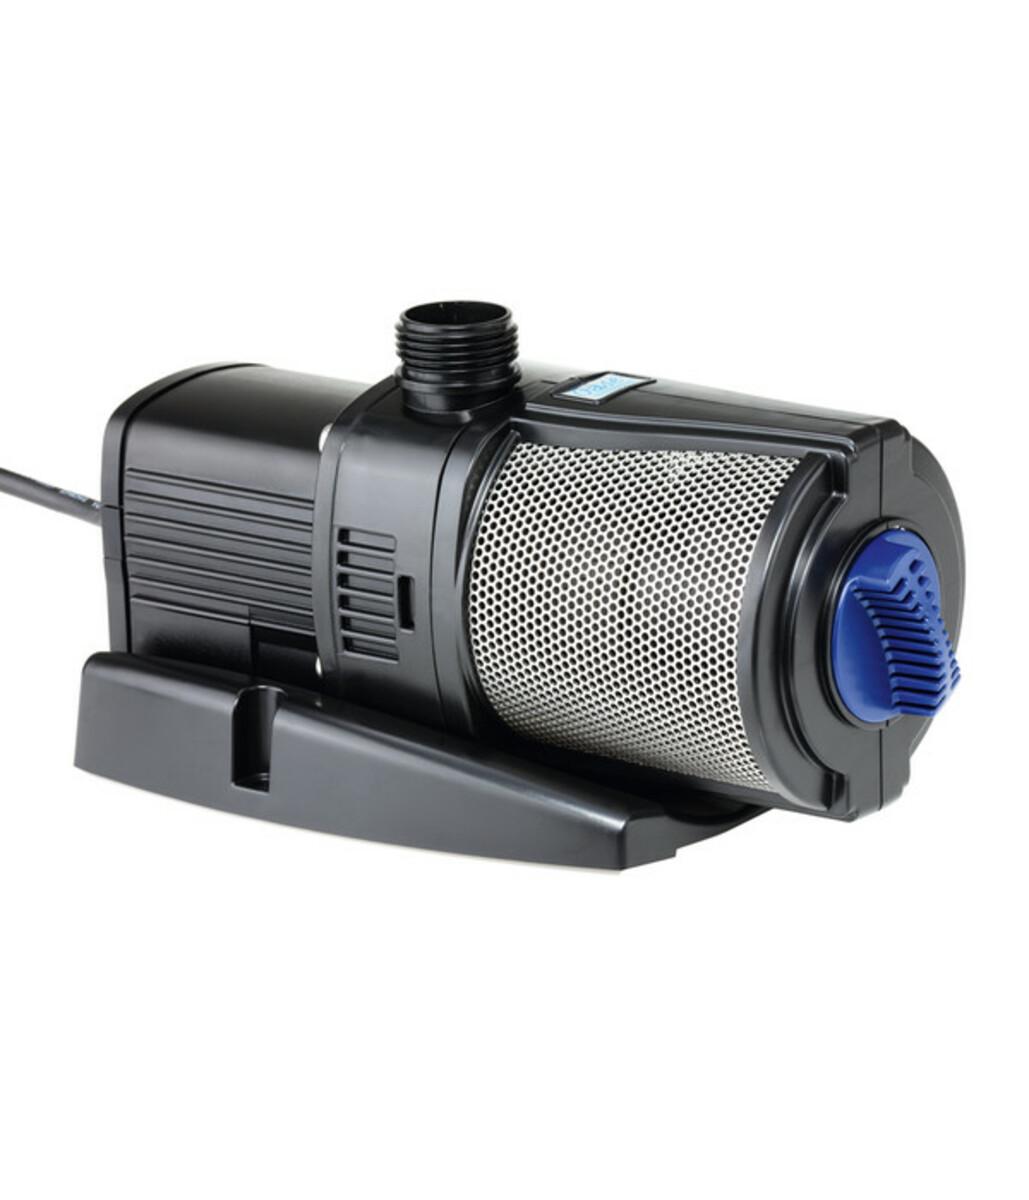 Bild 1 von Oase Pumpe Aquarius Universal Premium 9000